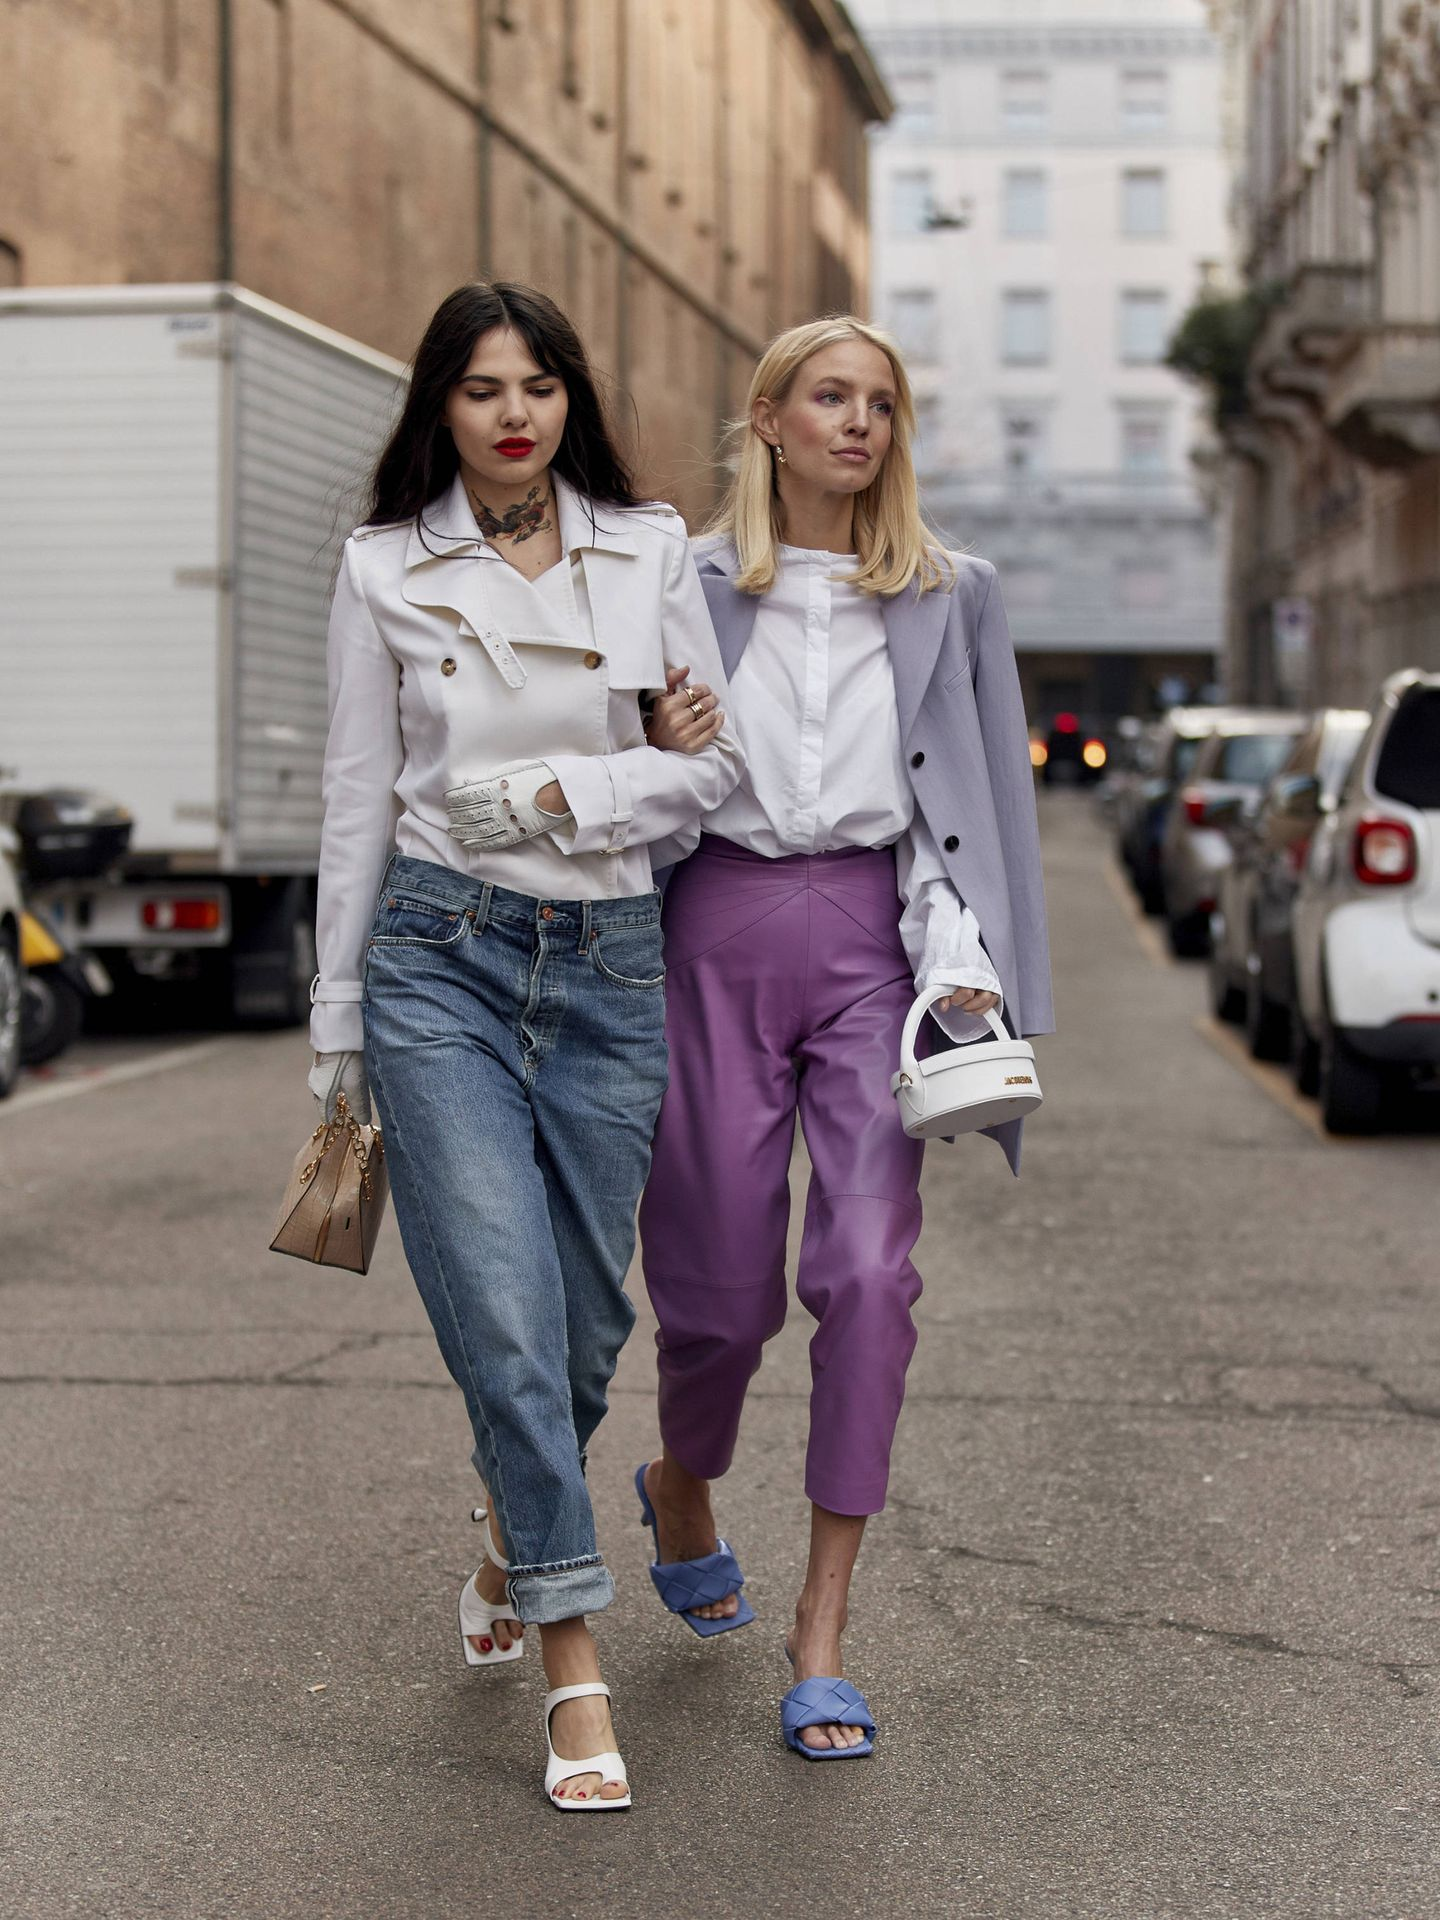 Estos jeans dominan el asfalto. (Imaxtree)